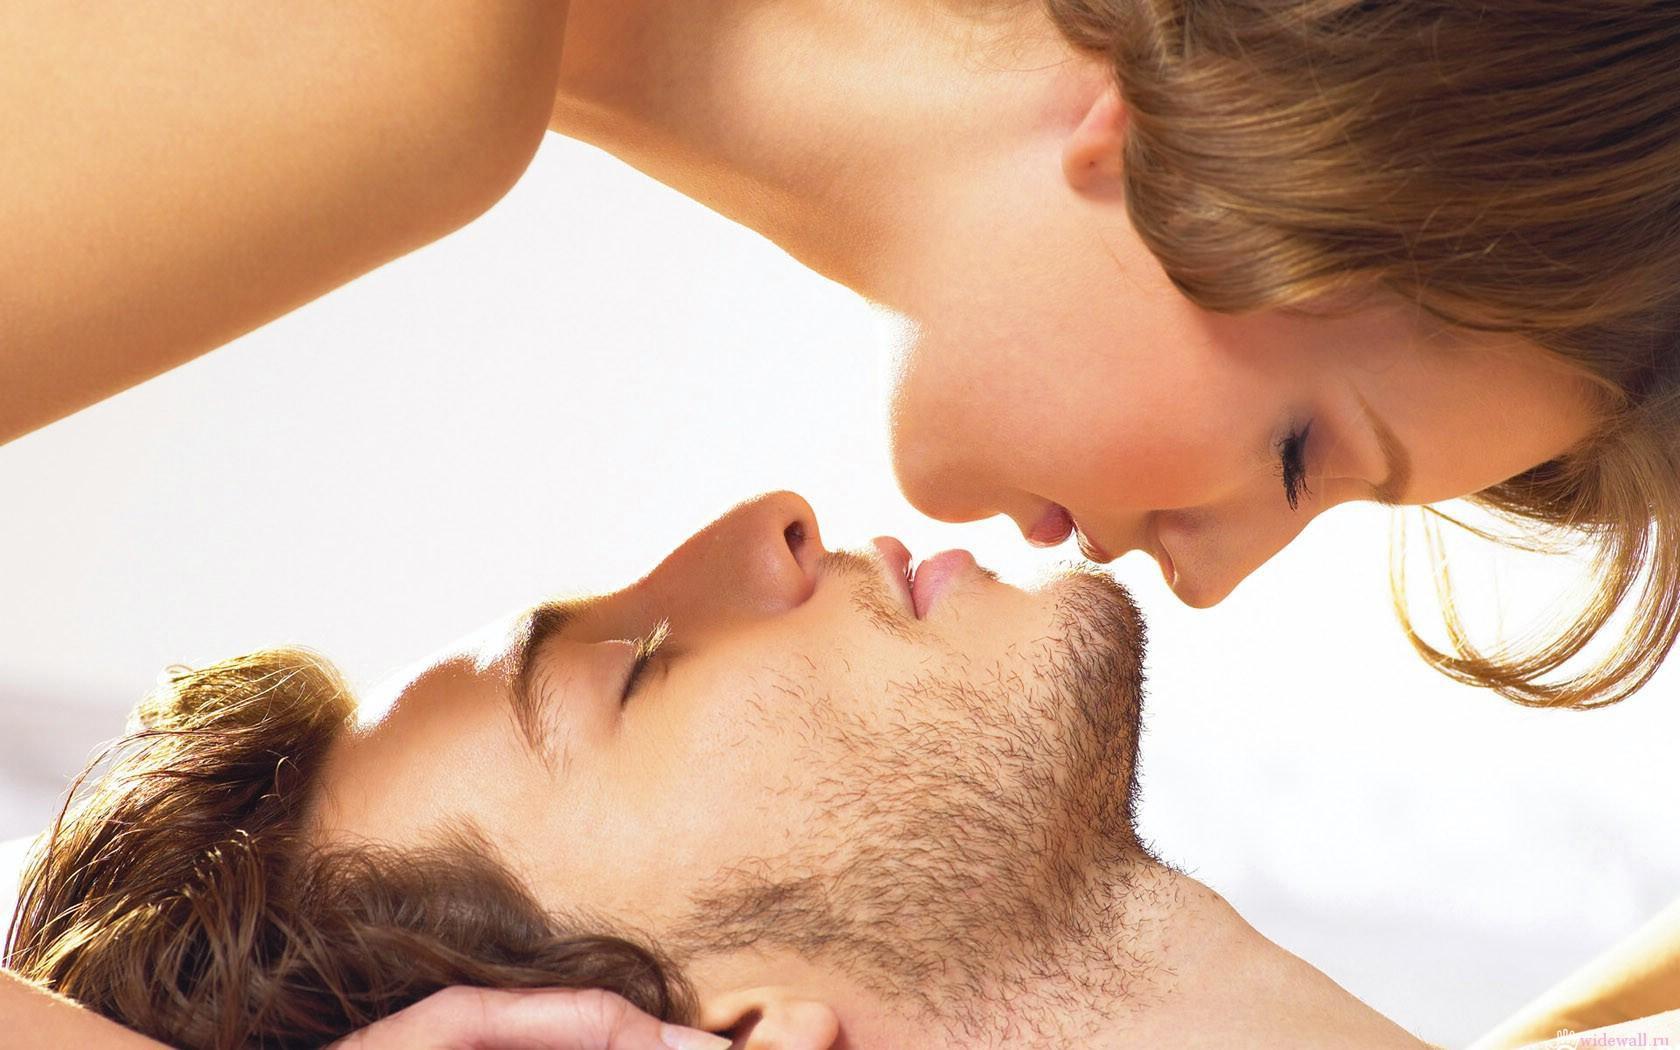 секс мужчины и женщины